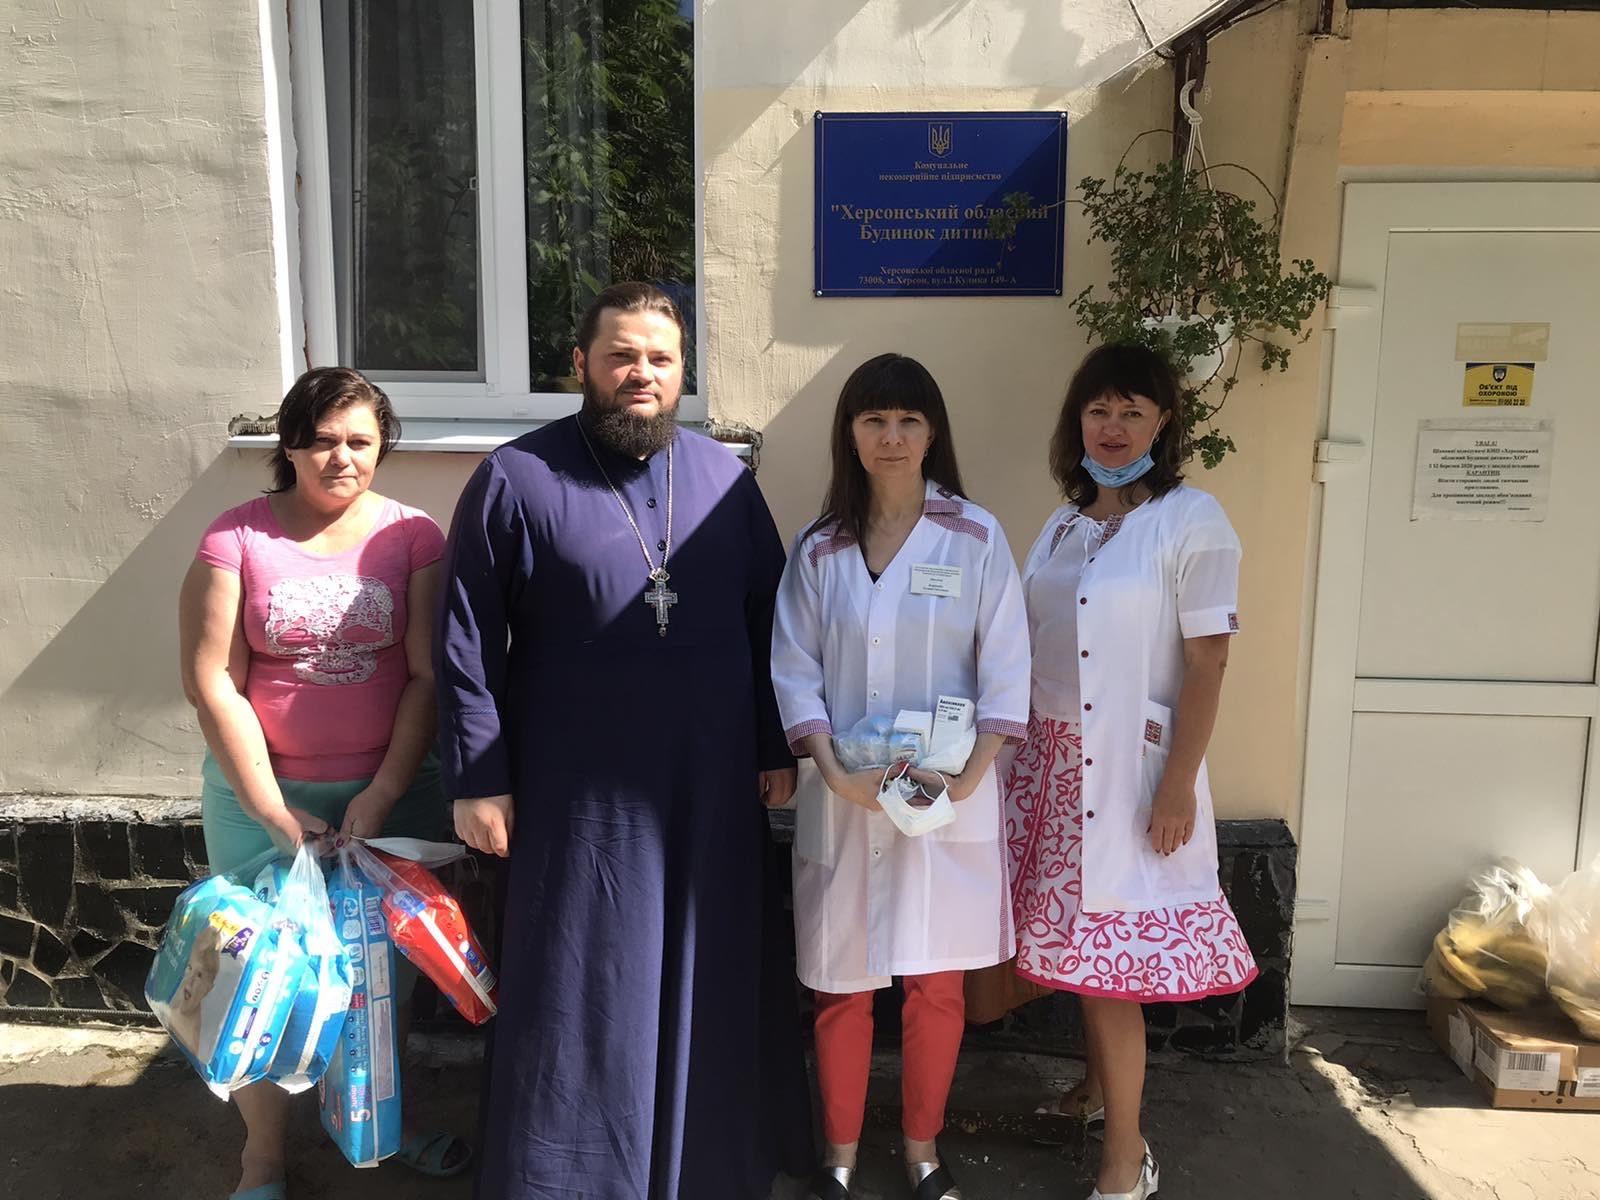 митрополит, дом ребенка, благотворителшьная помощь, прихожане